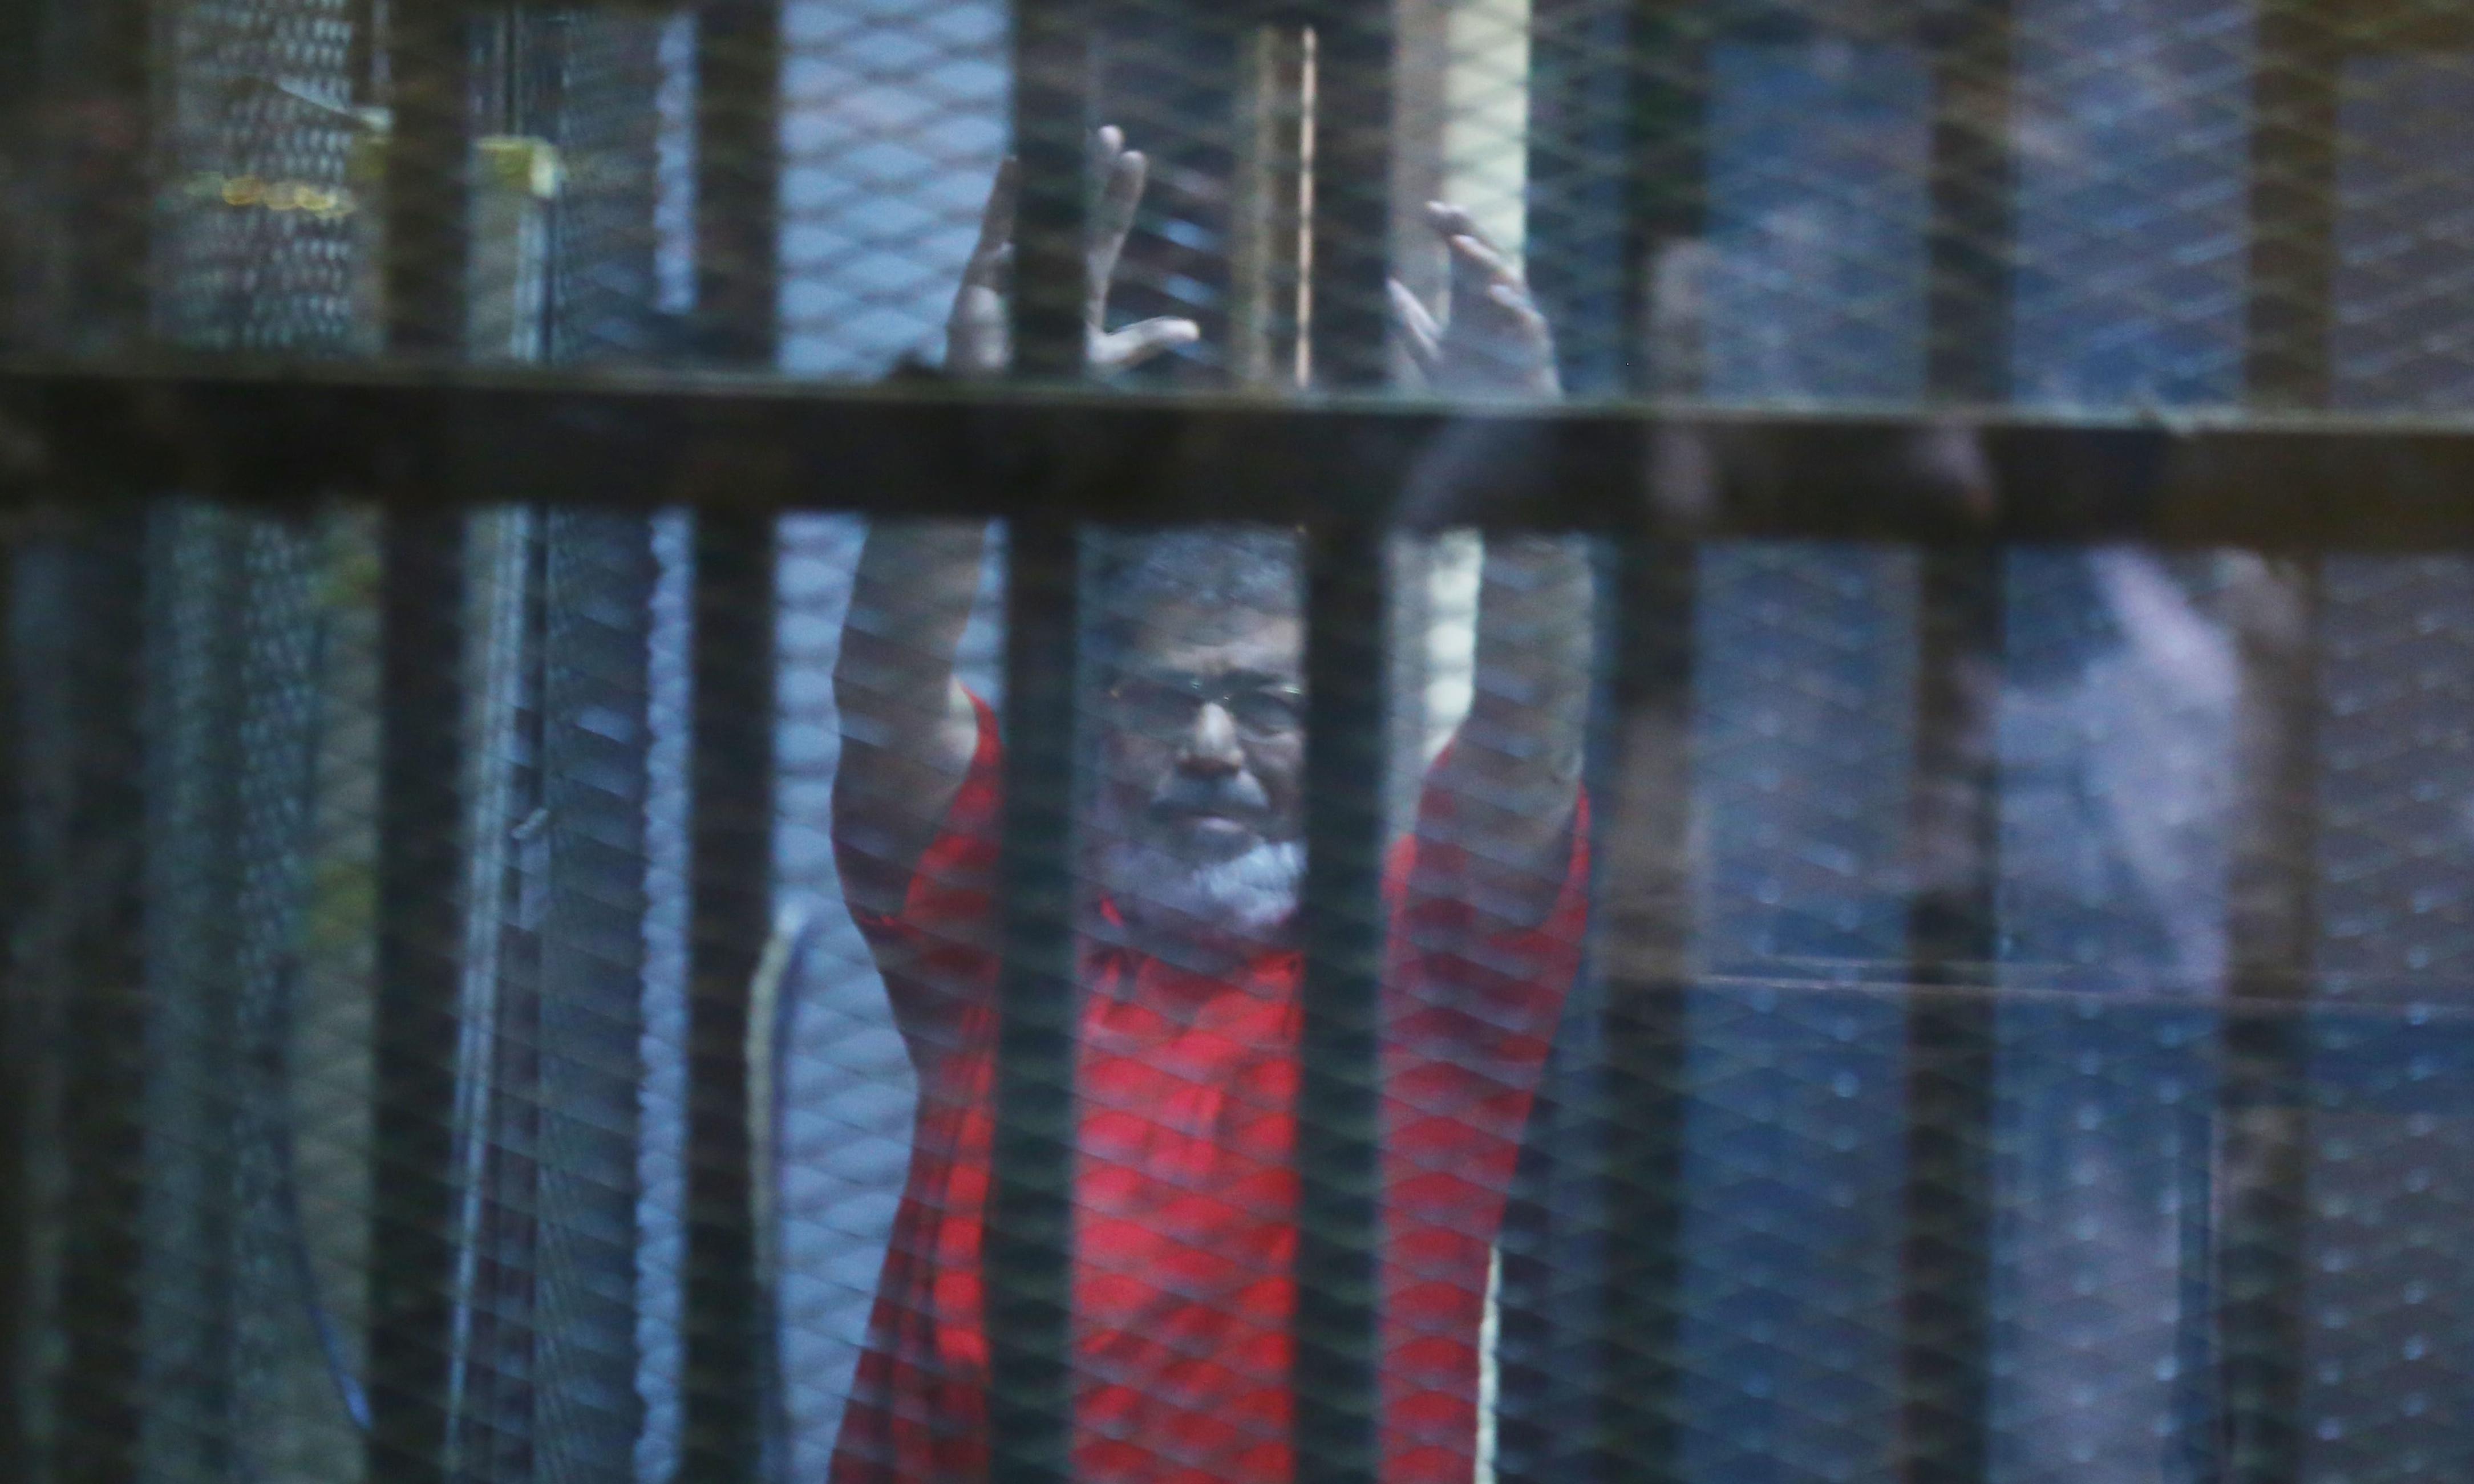 Mohamed Morsi, ousted president of Egypt, dies in court